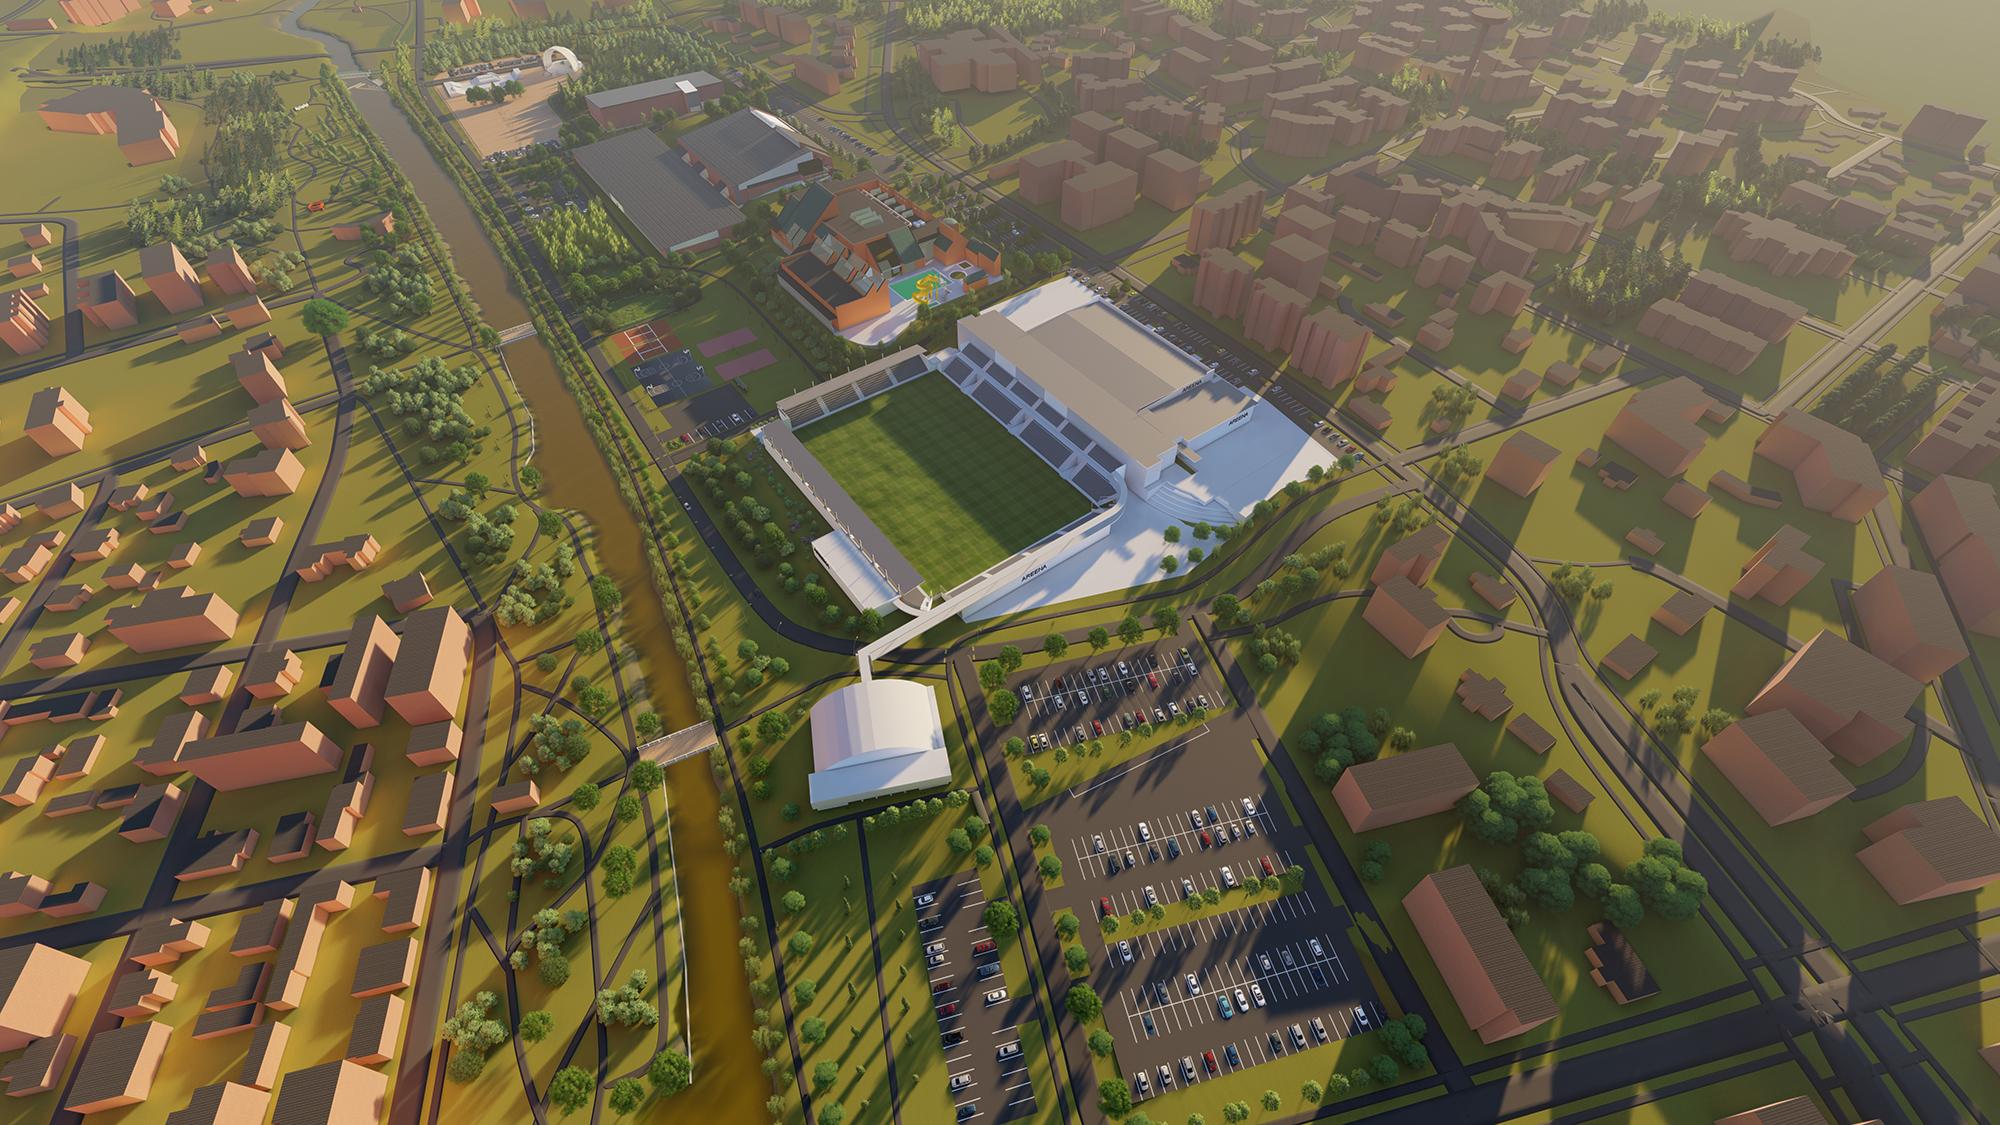 Illustration ur fågelperspektiv av idrottsparkens hybridarena, som är i planeringsfasen, samt dess närmaste omgivning.